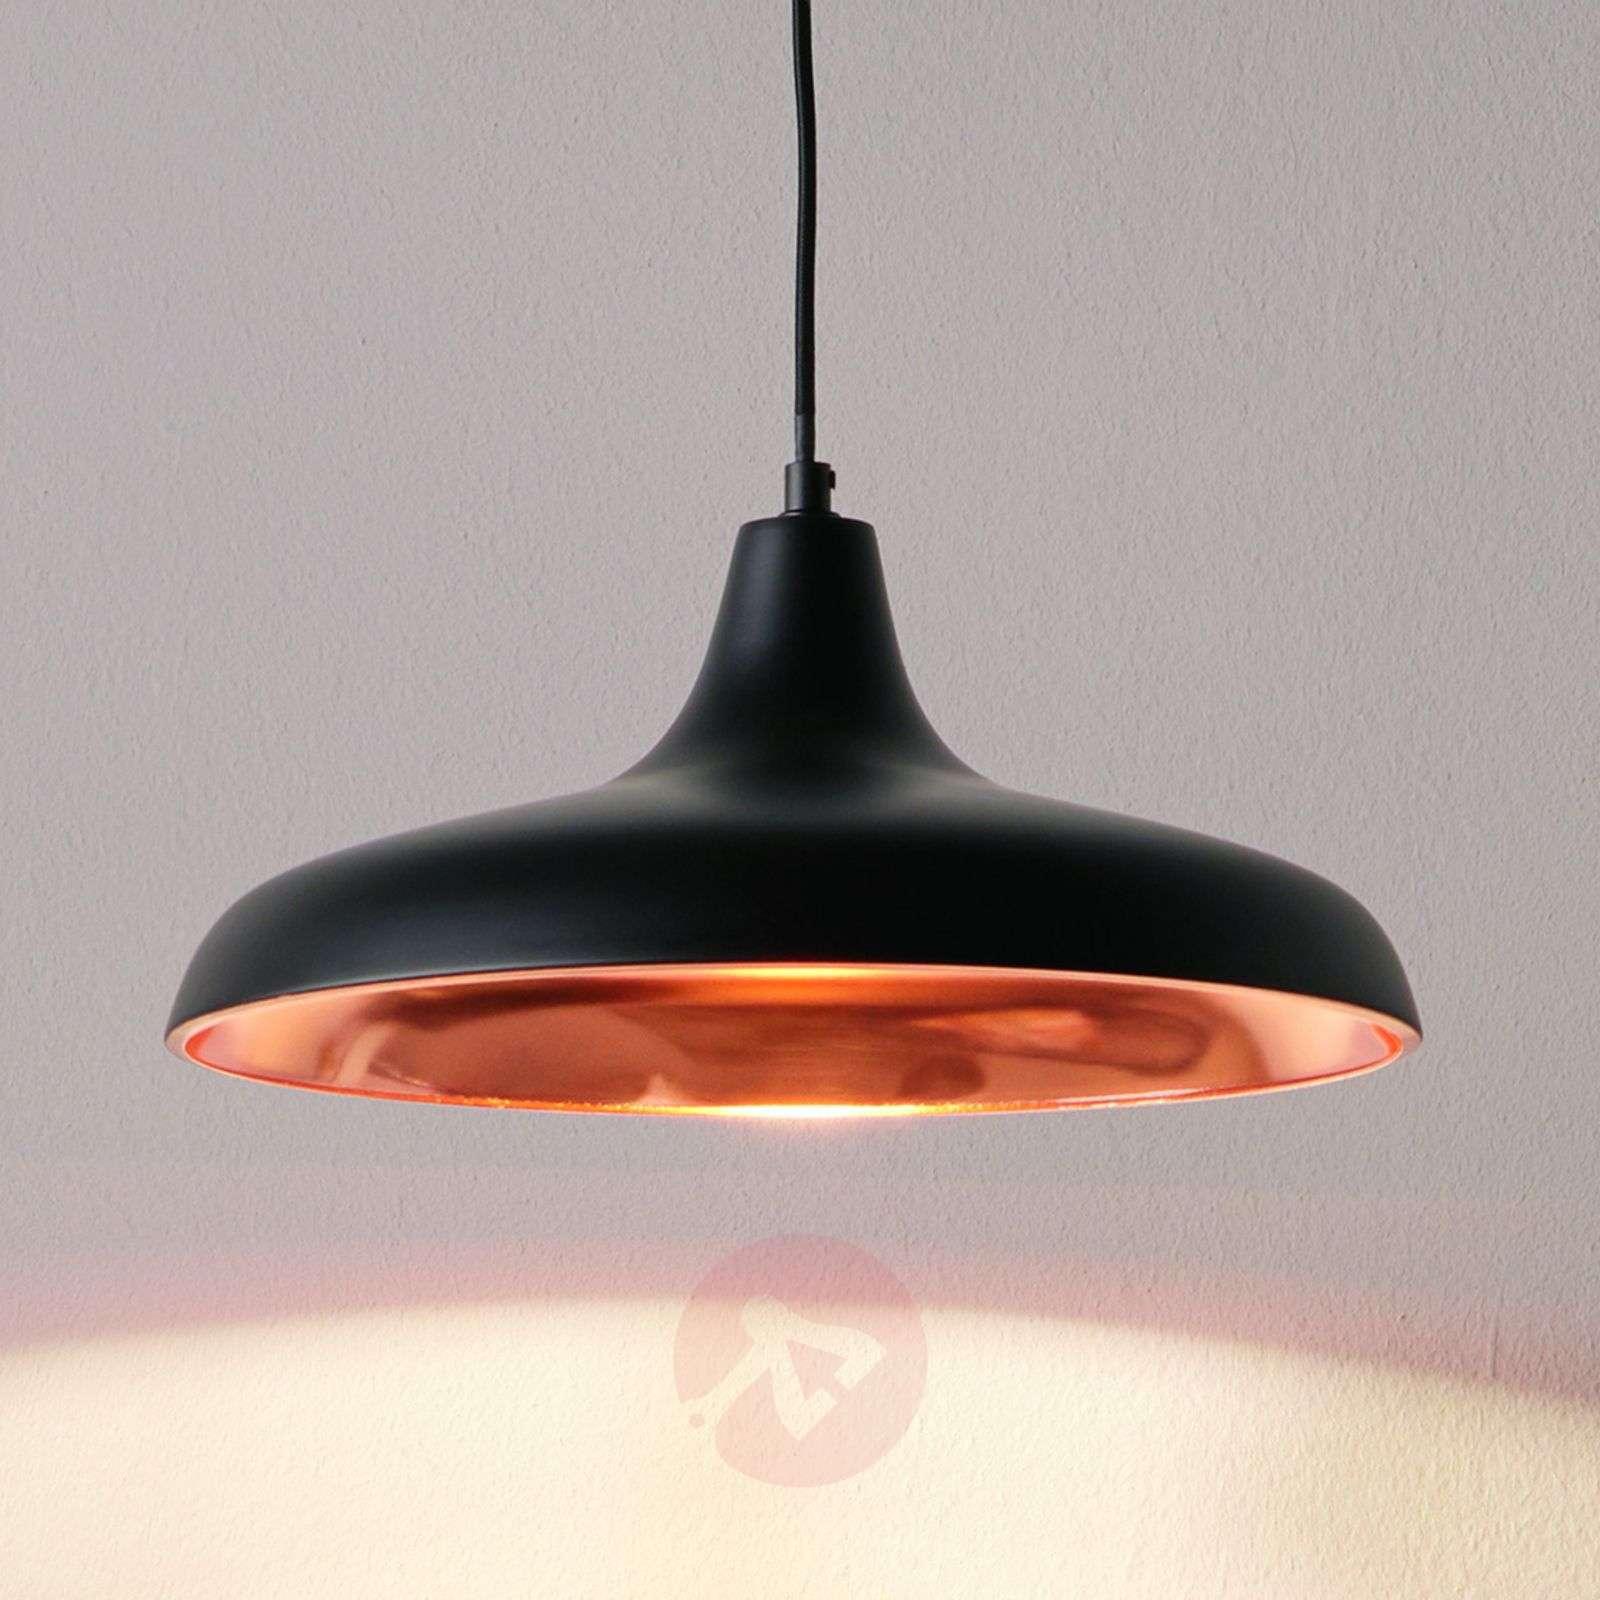 Mustan ja kuparin värinen riippuvalaisin Surrey-7531697-01